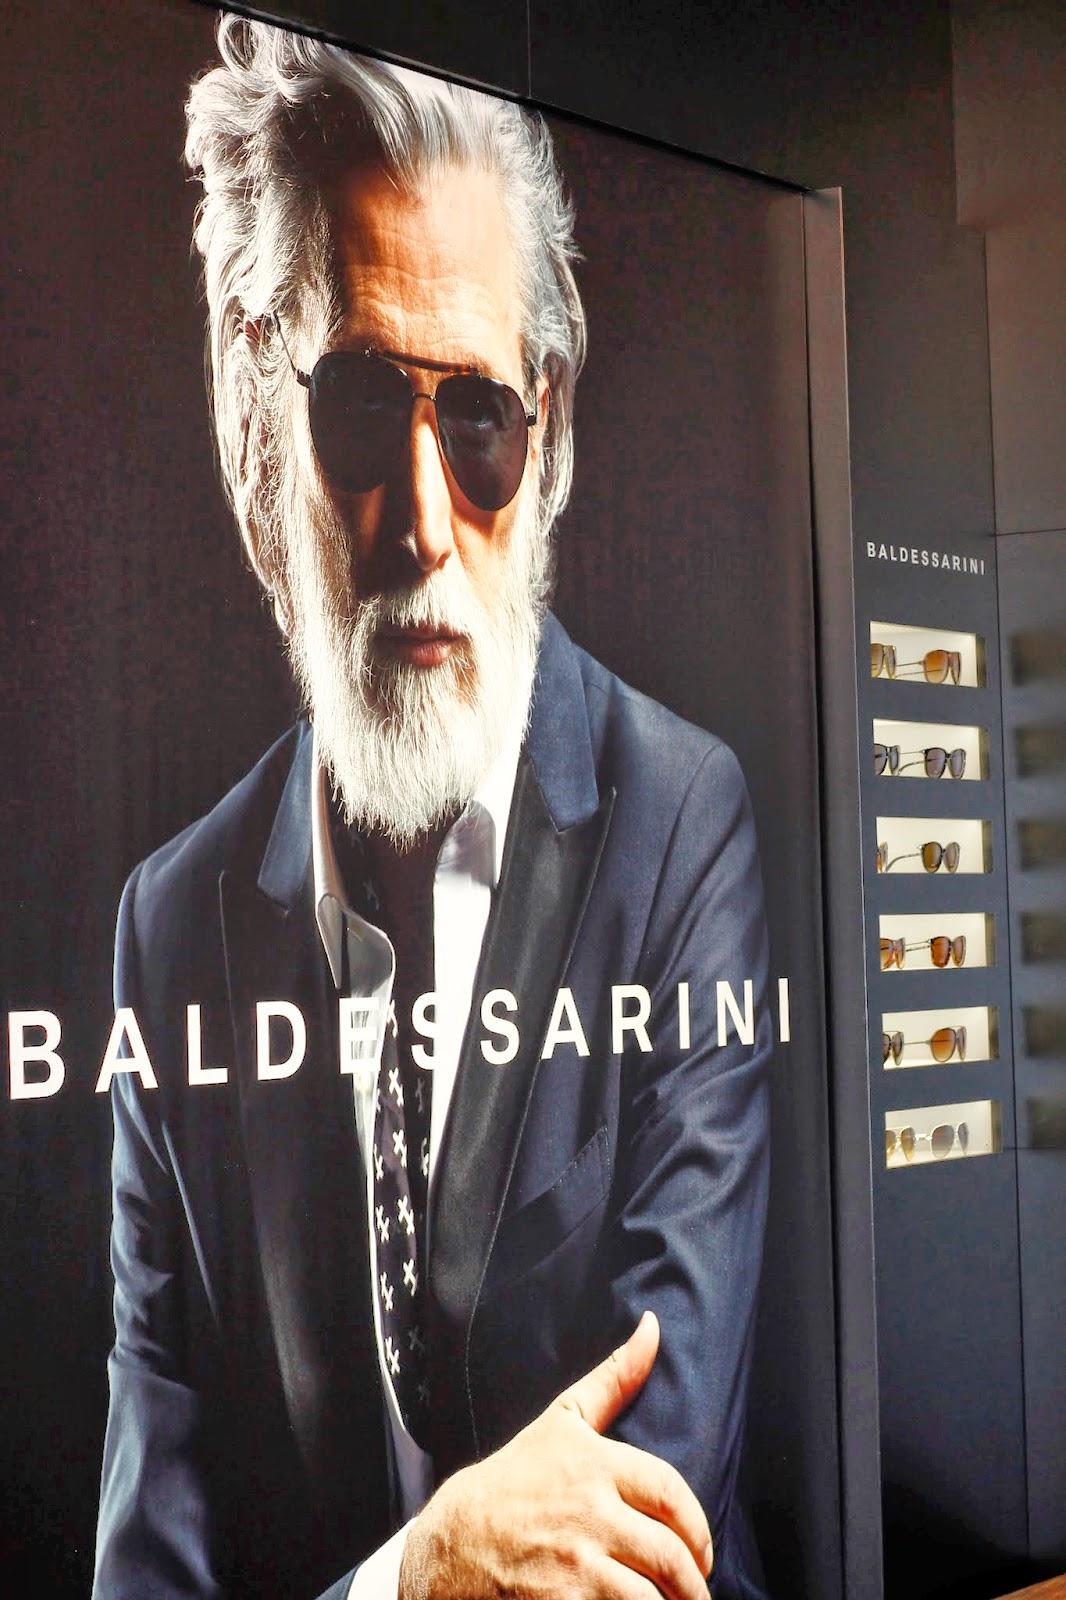 baldessarini, campagna pubblicitaria, occhiali per lui